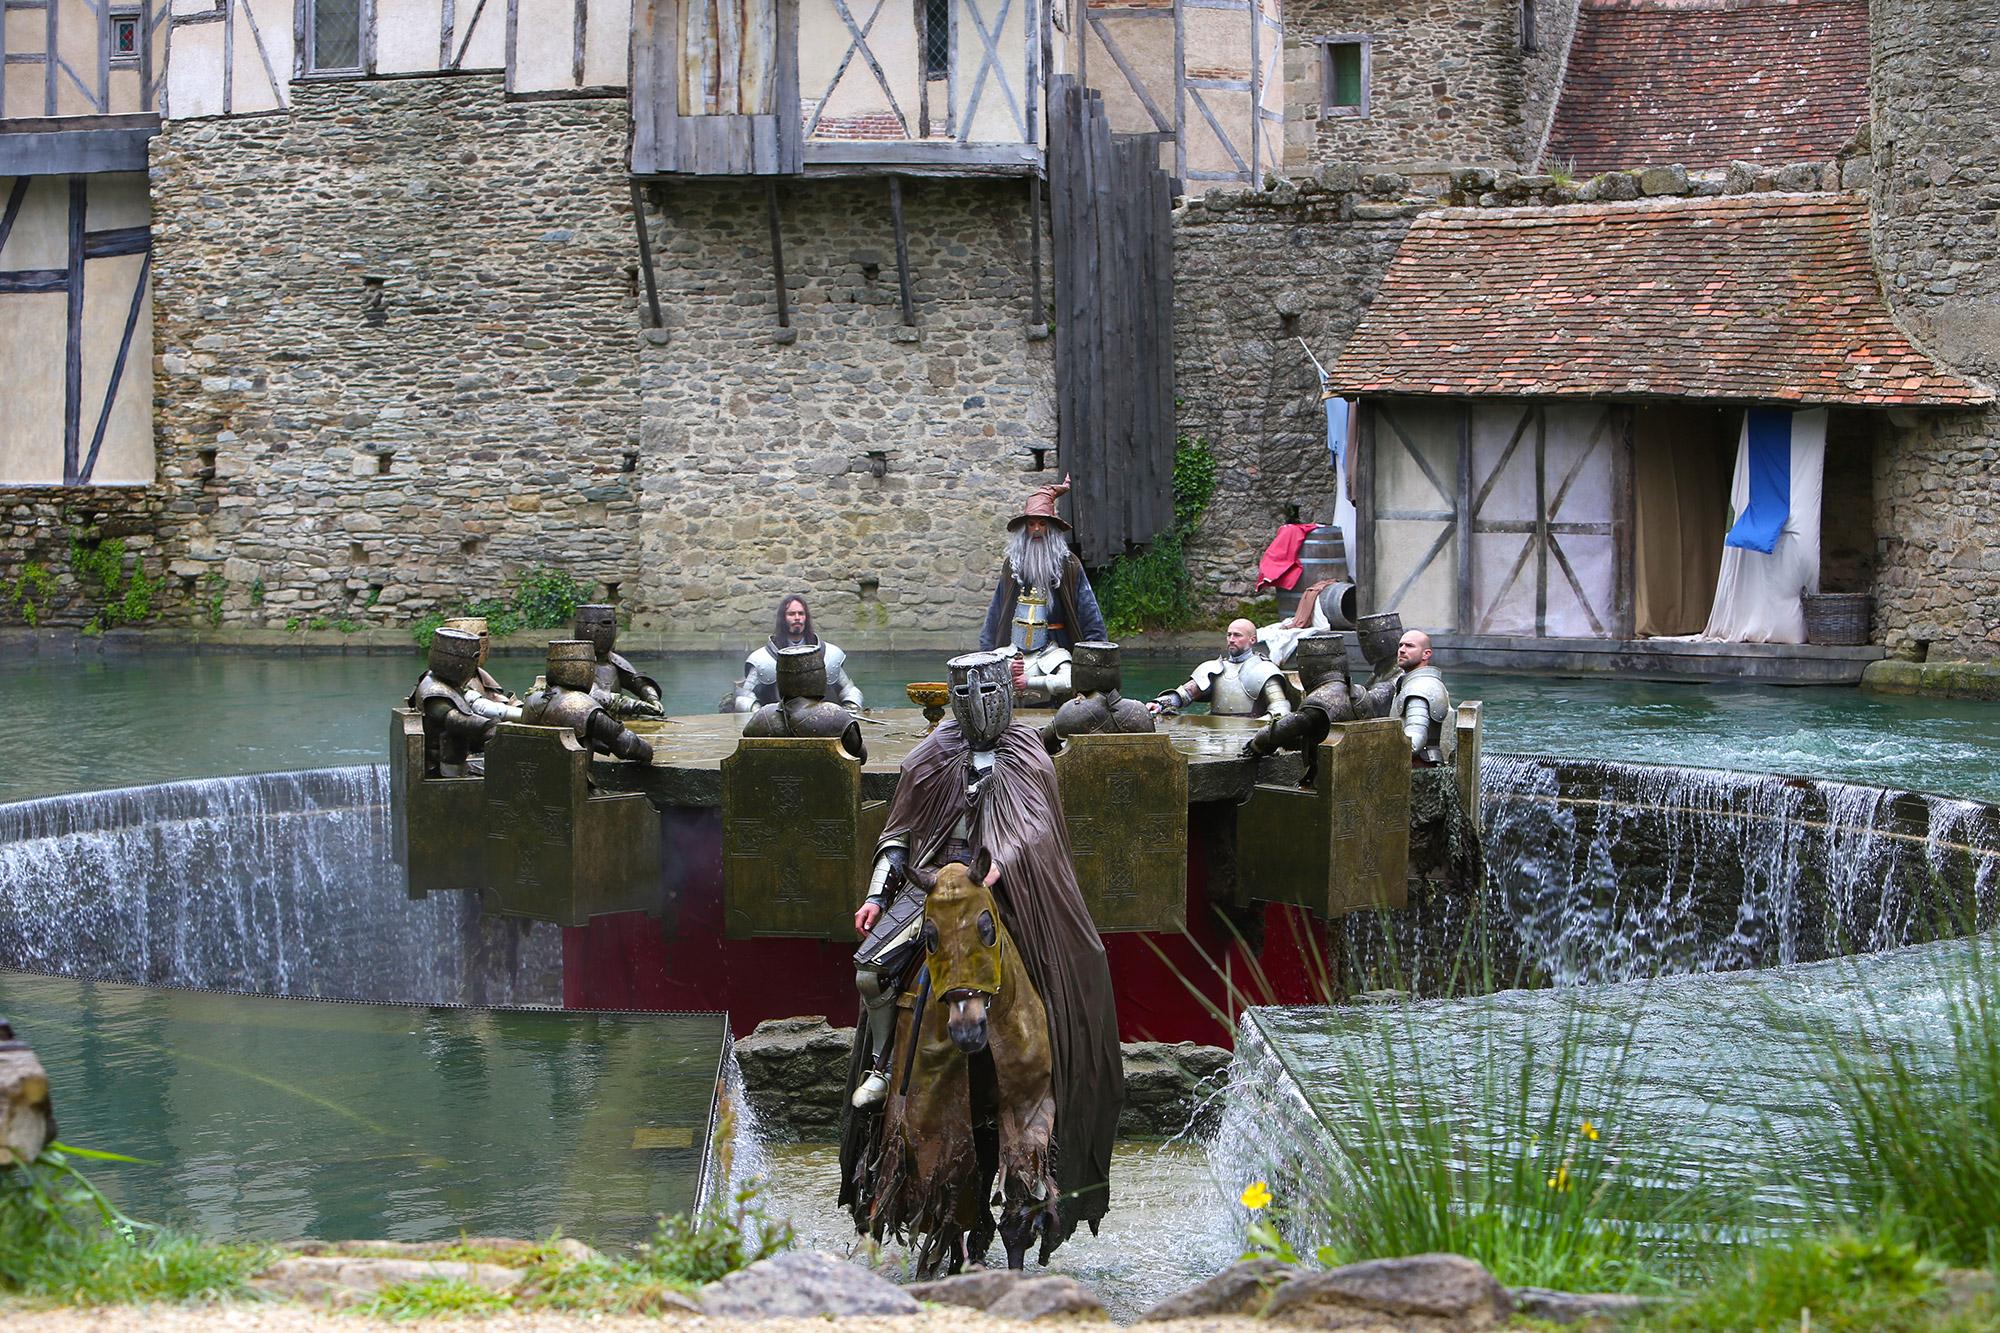 Les chevaliers de la table ronde puy du fou - Les chevalier de la table ronde ...